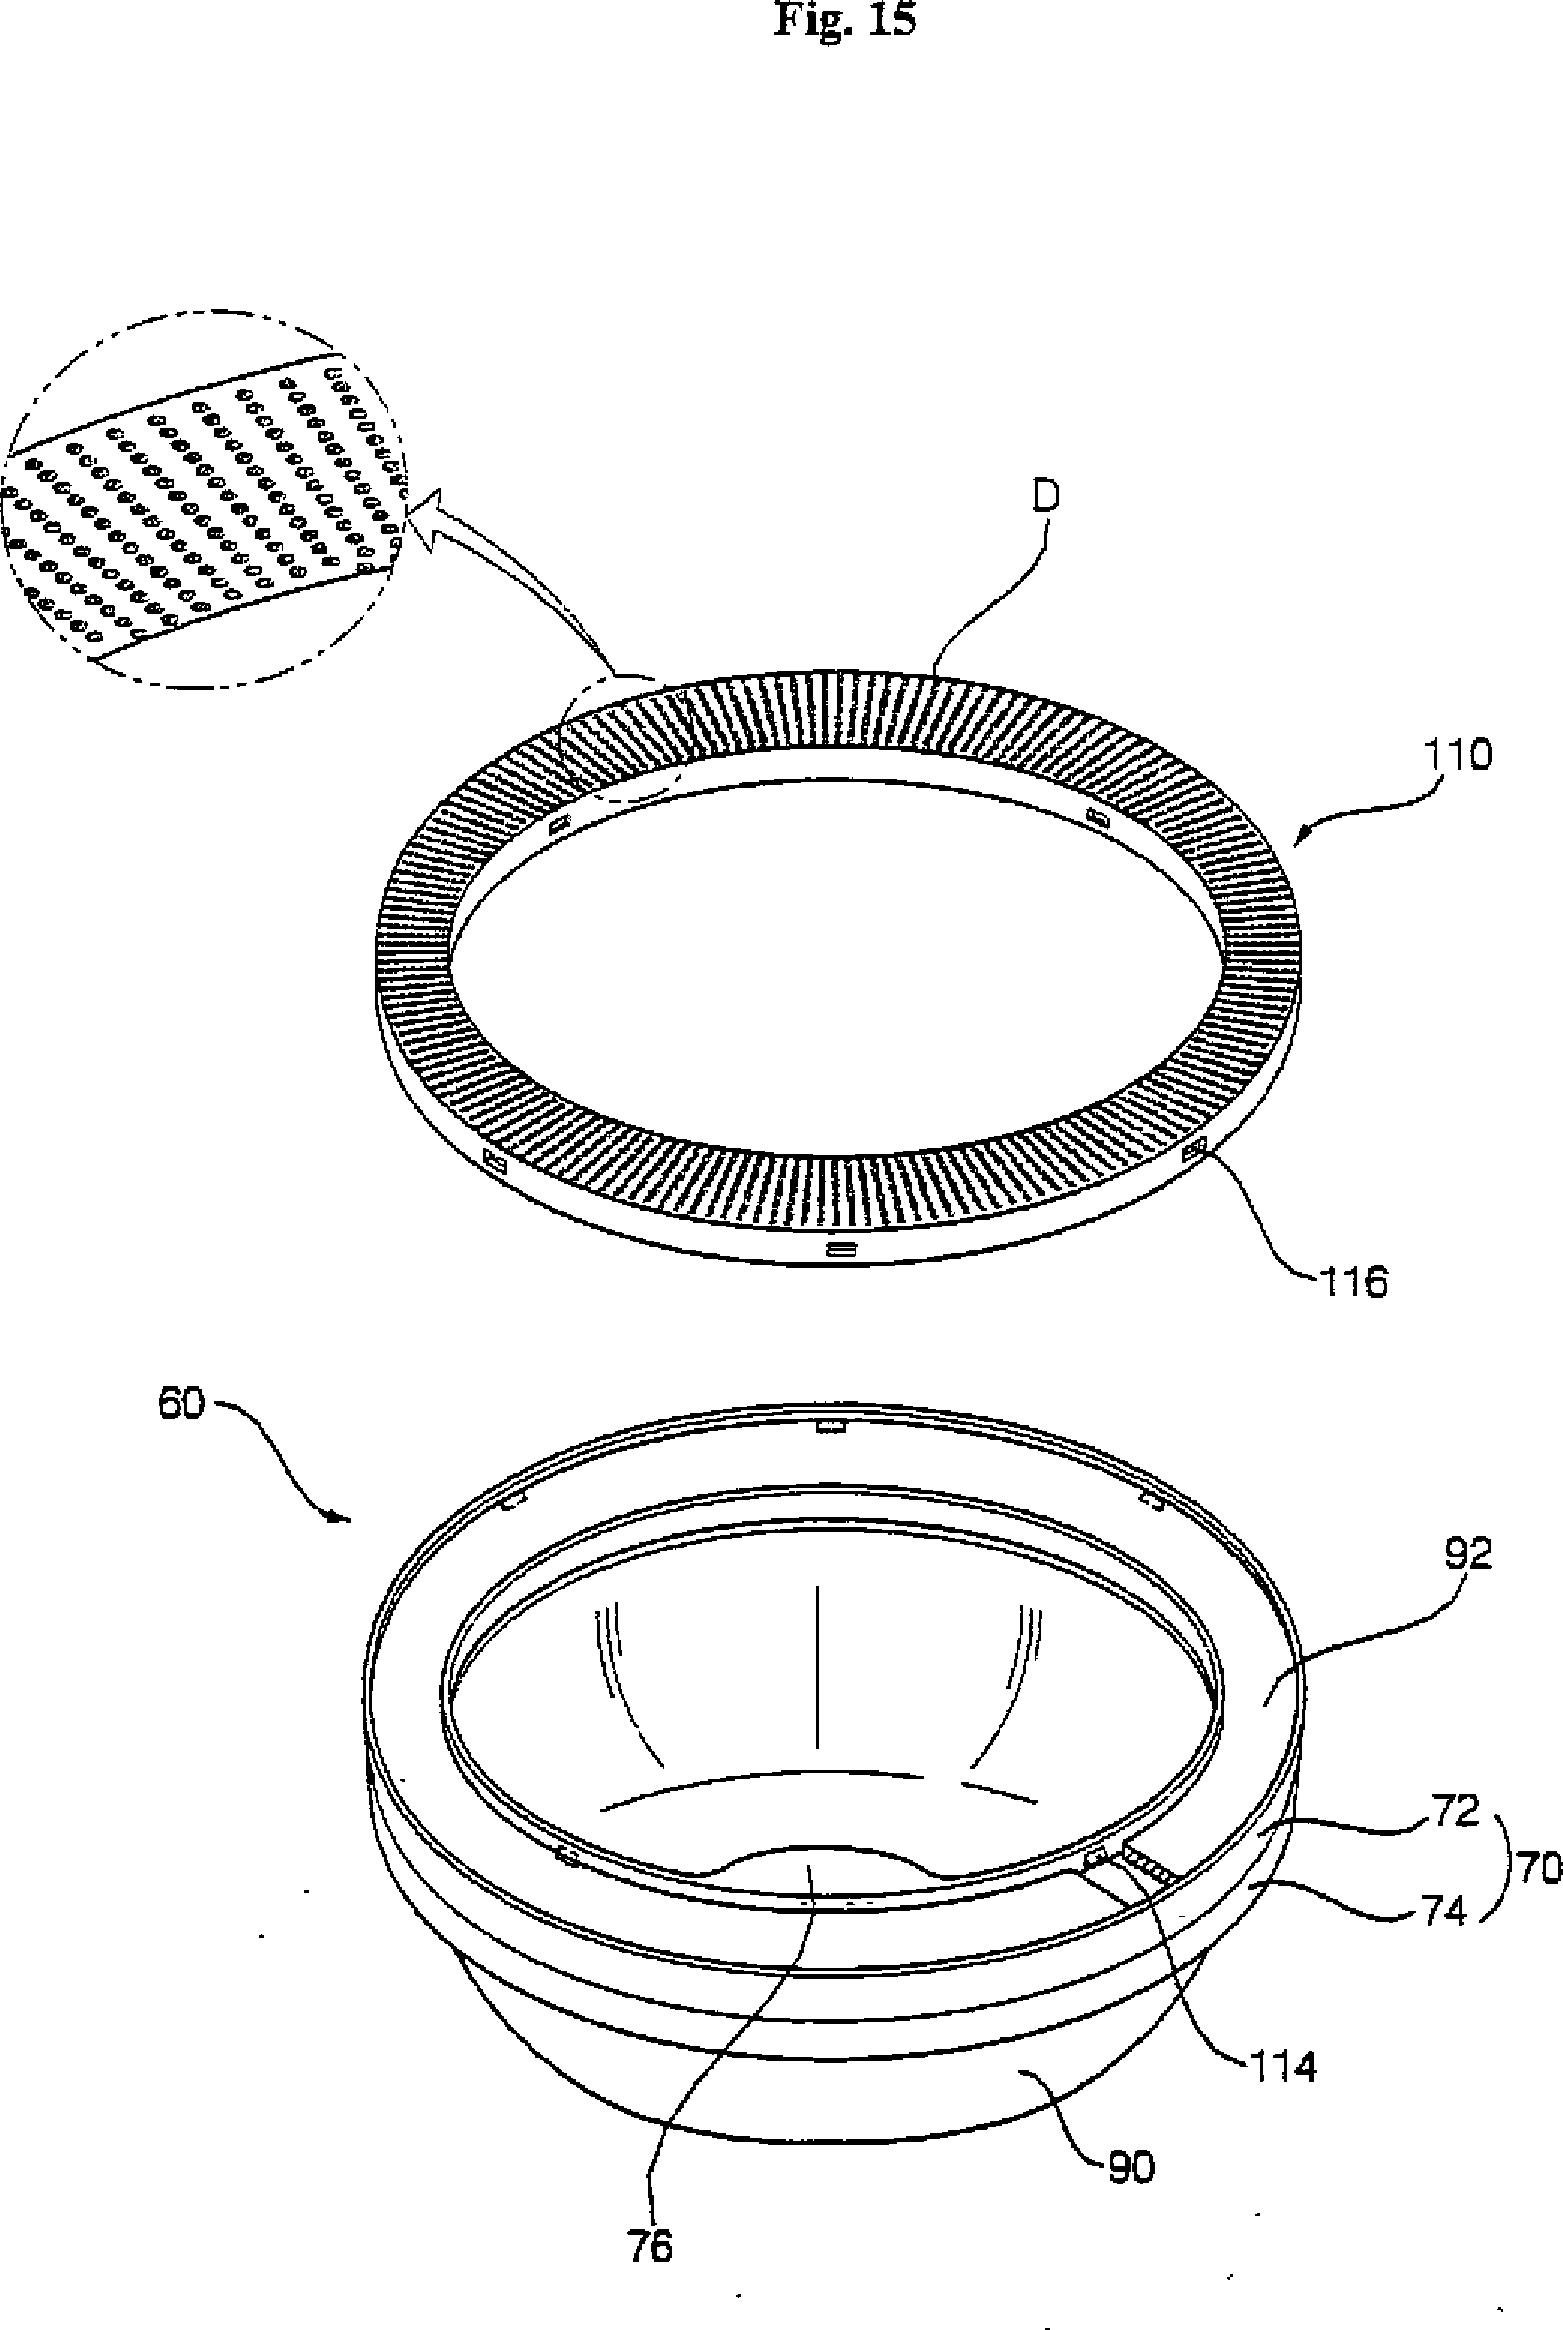 patent de102006026717b4 waschmaschine und t r einer solchen google patents. Black Bedroom Furniture Sets. Home Design Ideas